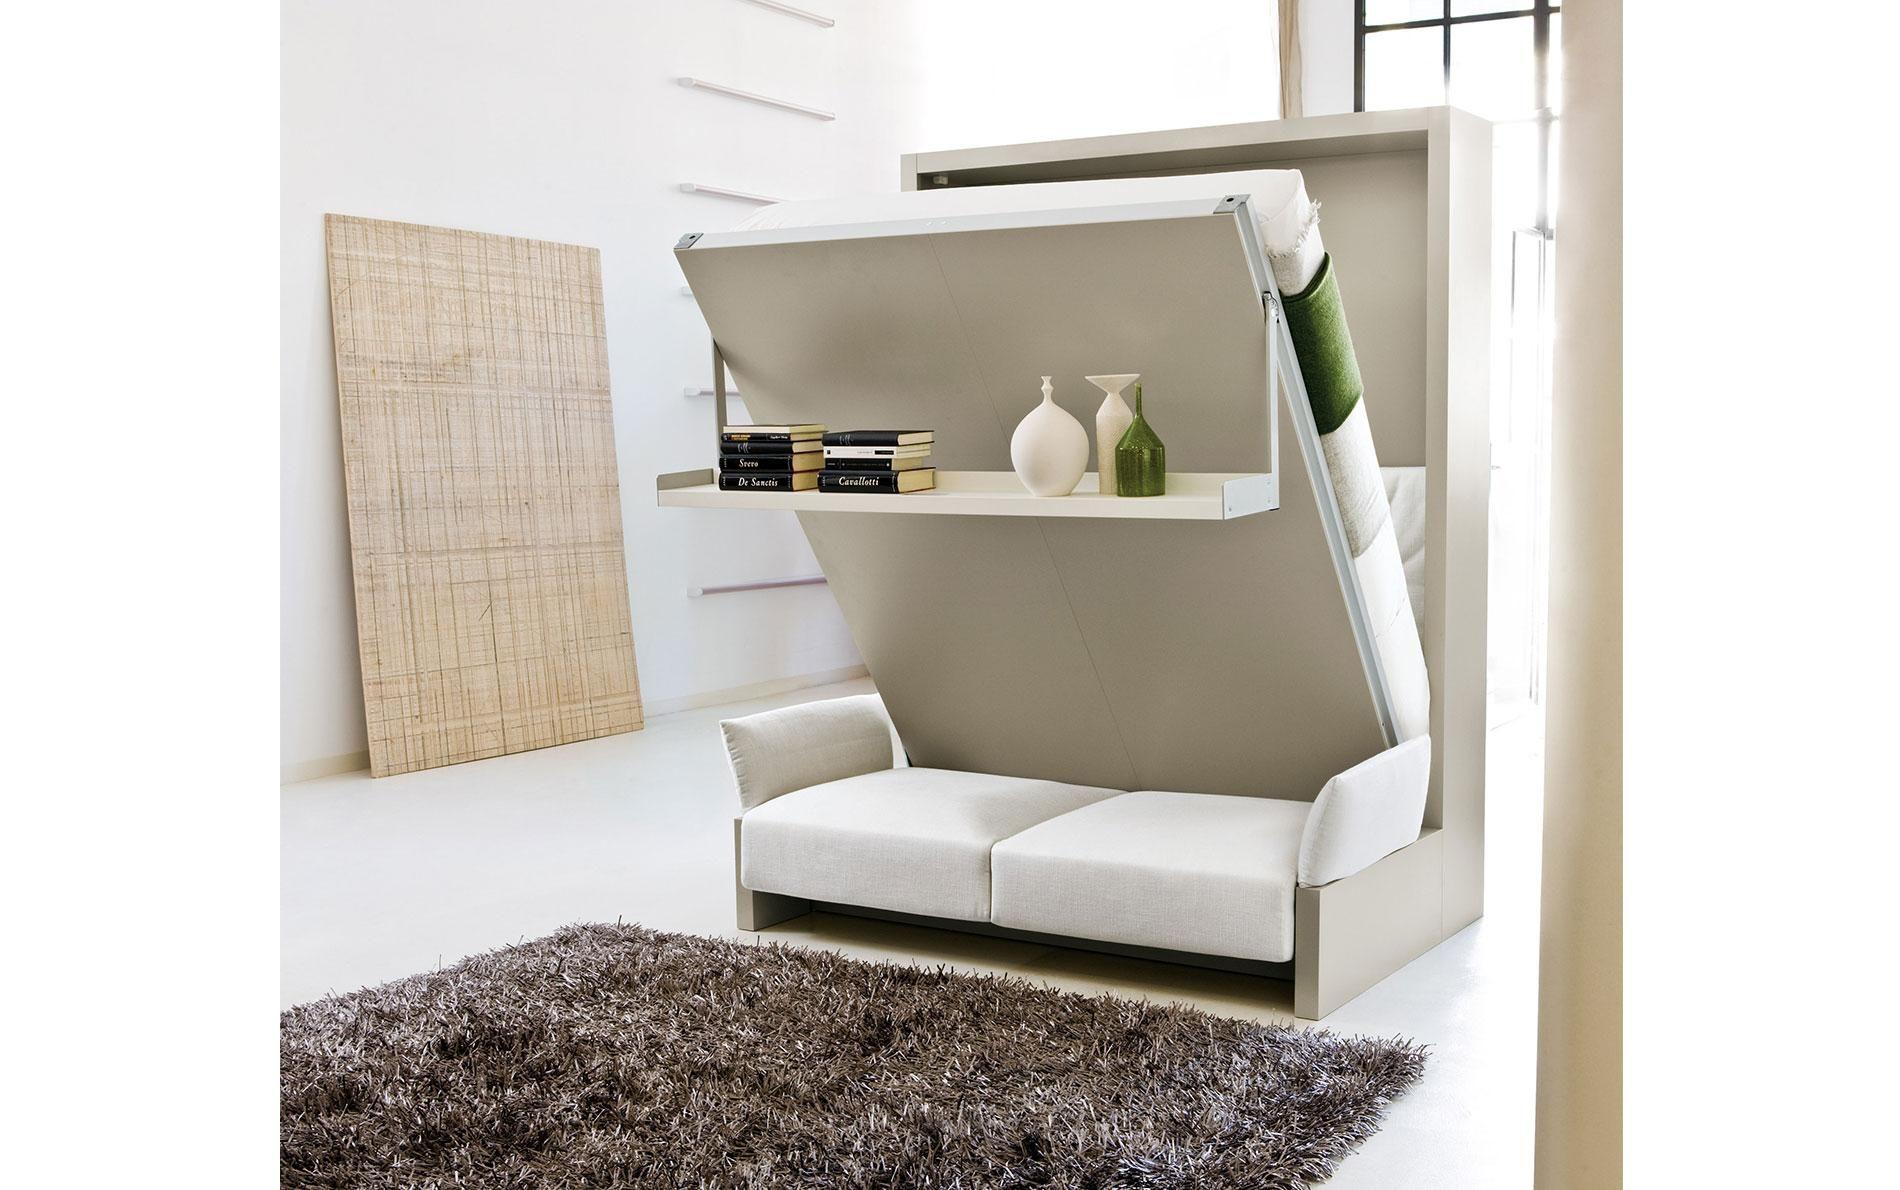 Designer Schrankbett Nuovo Liola Weil Sich Wenig Platz Ideal